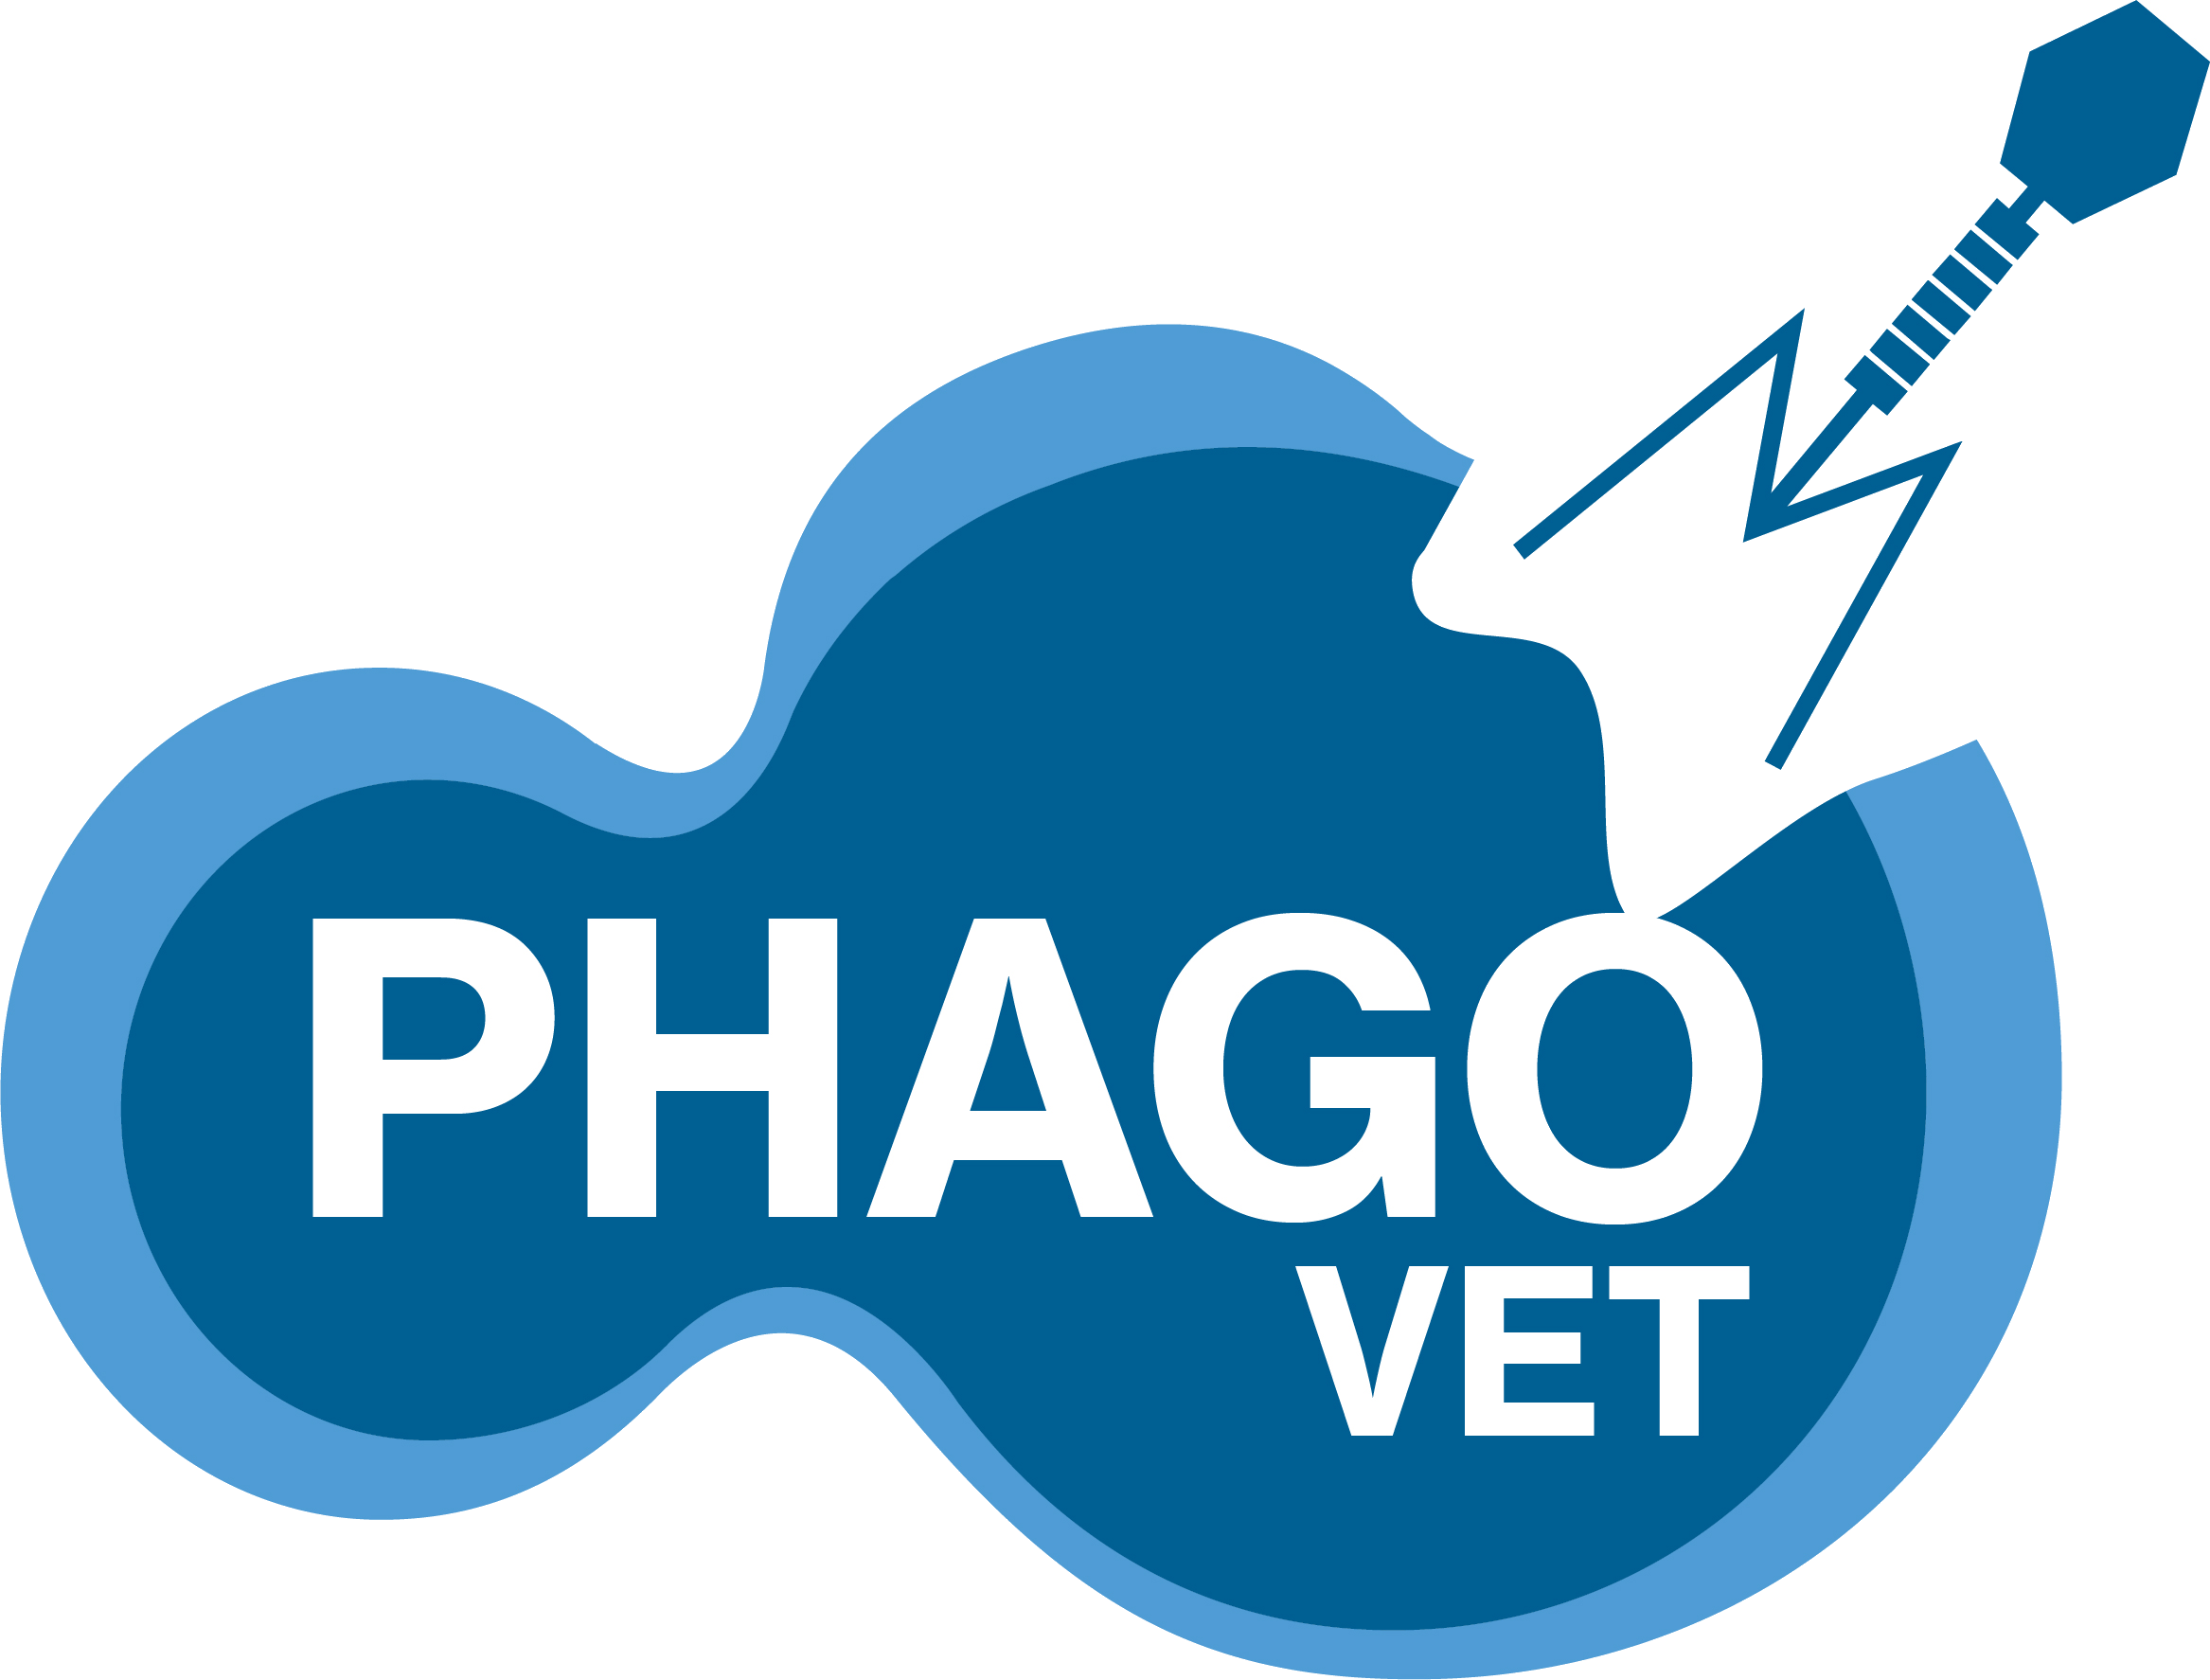 Phagovet